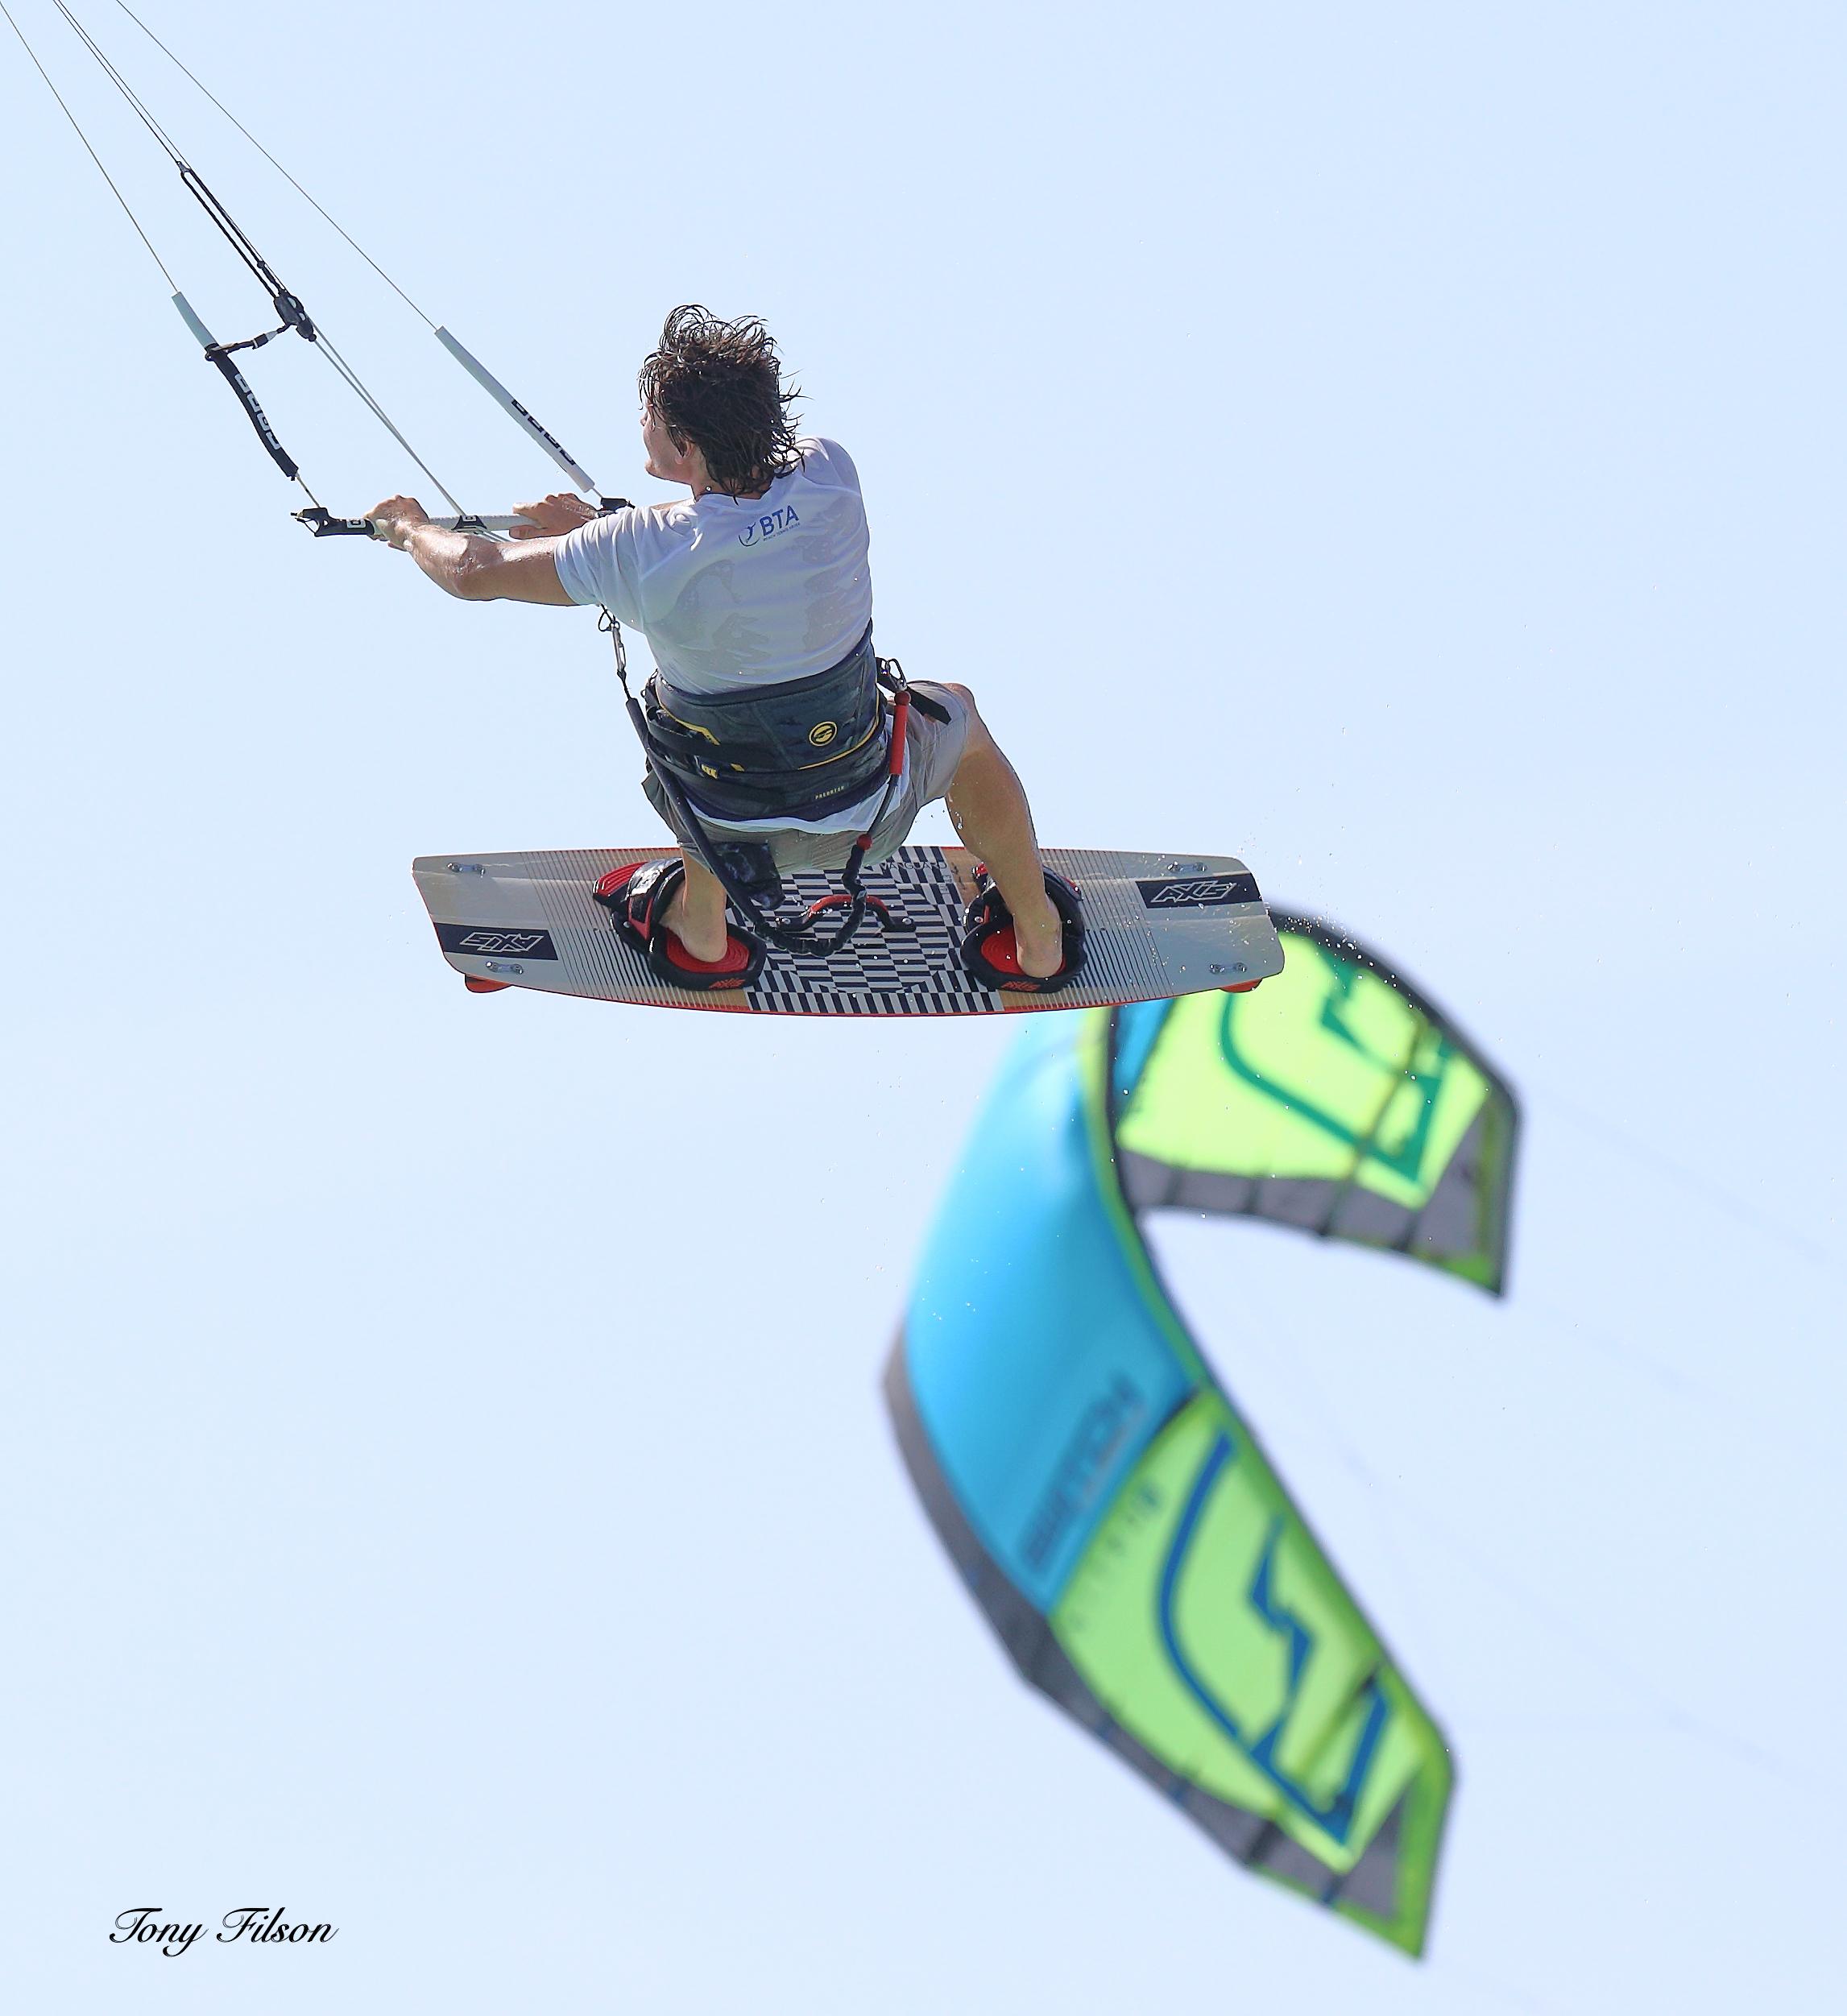 Kitesurfing Champion Niki Zach